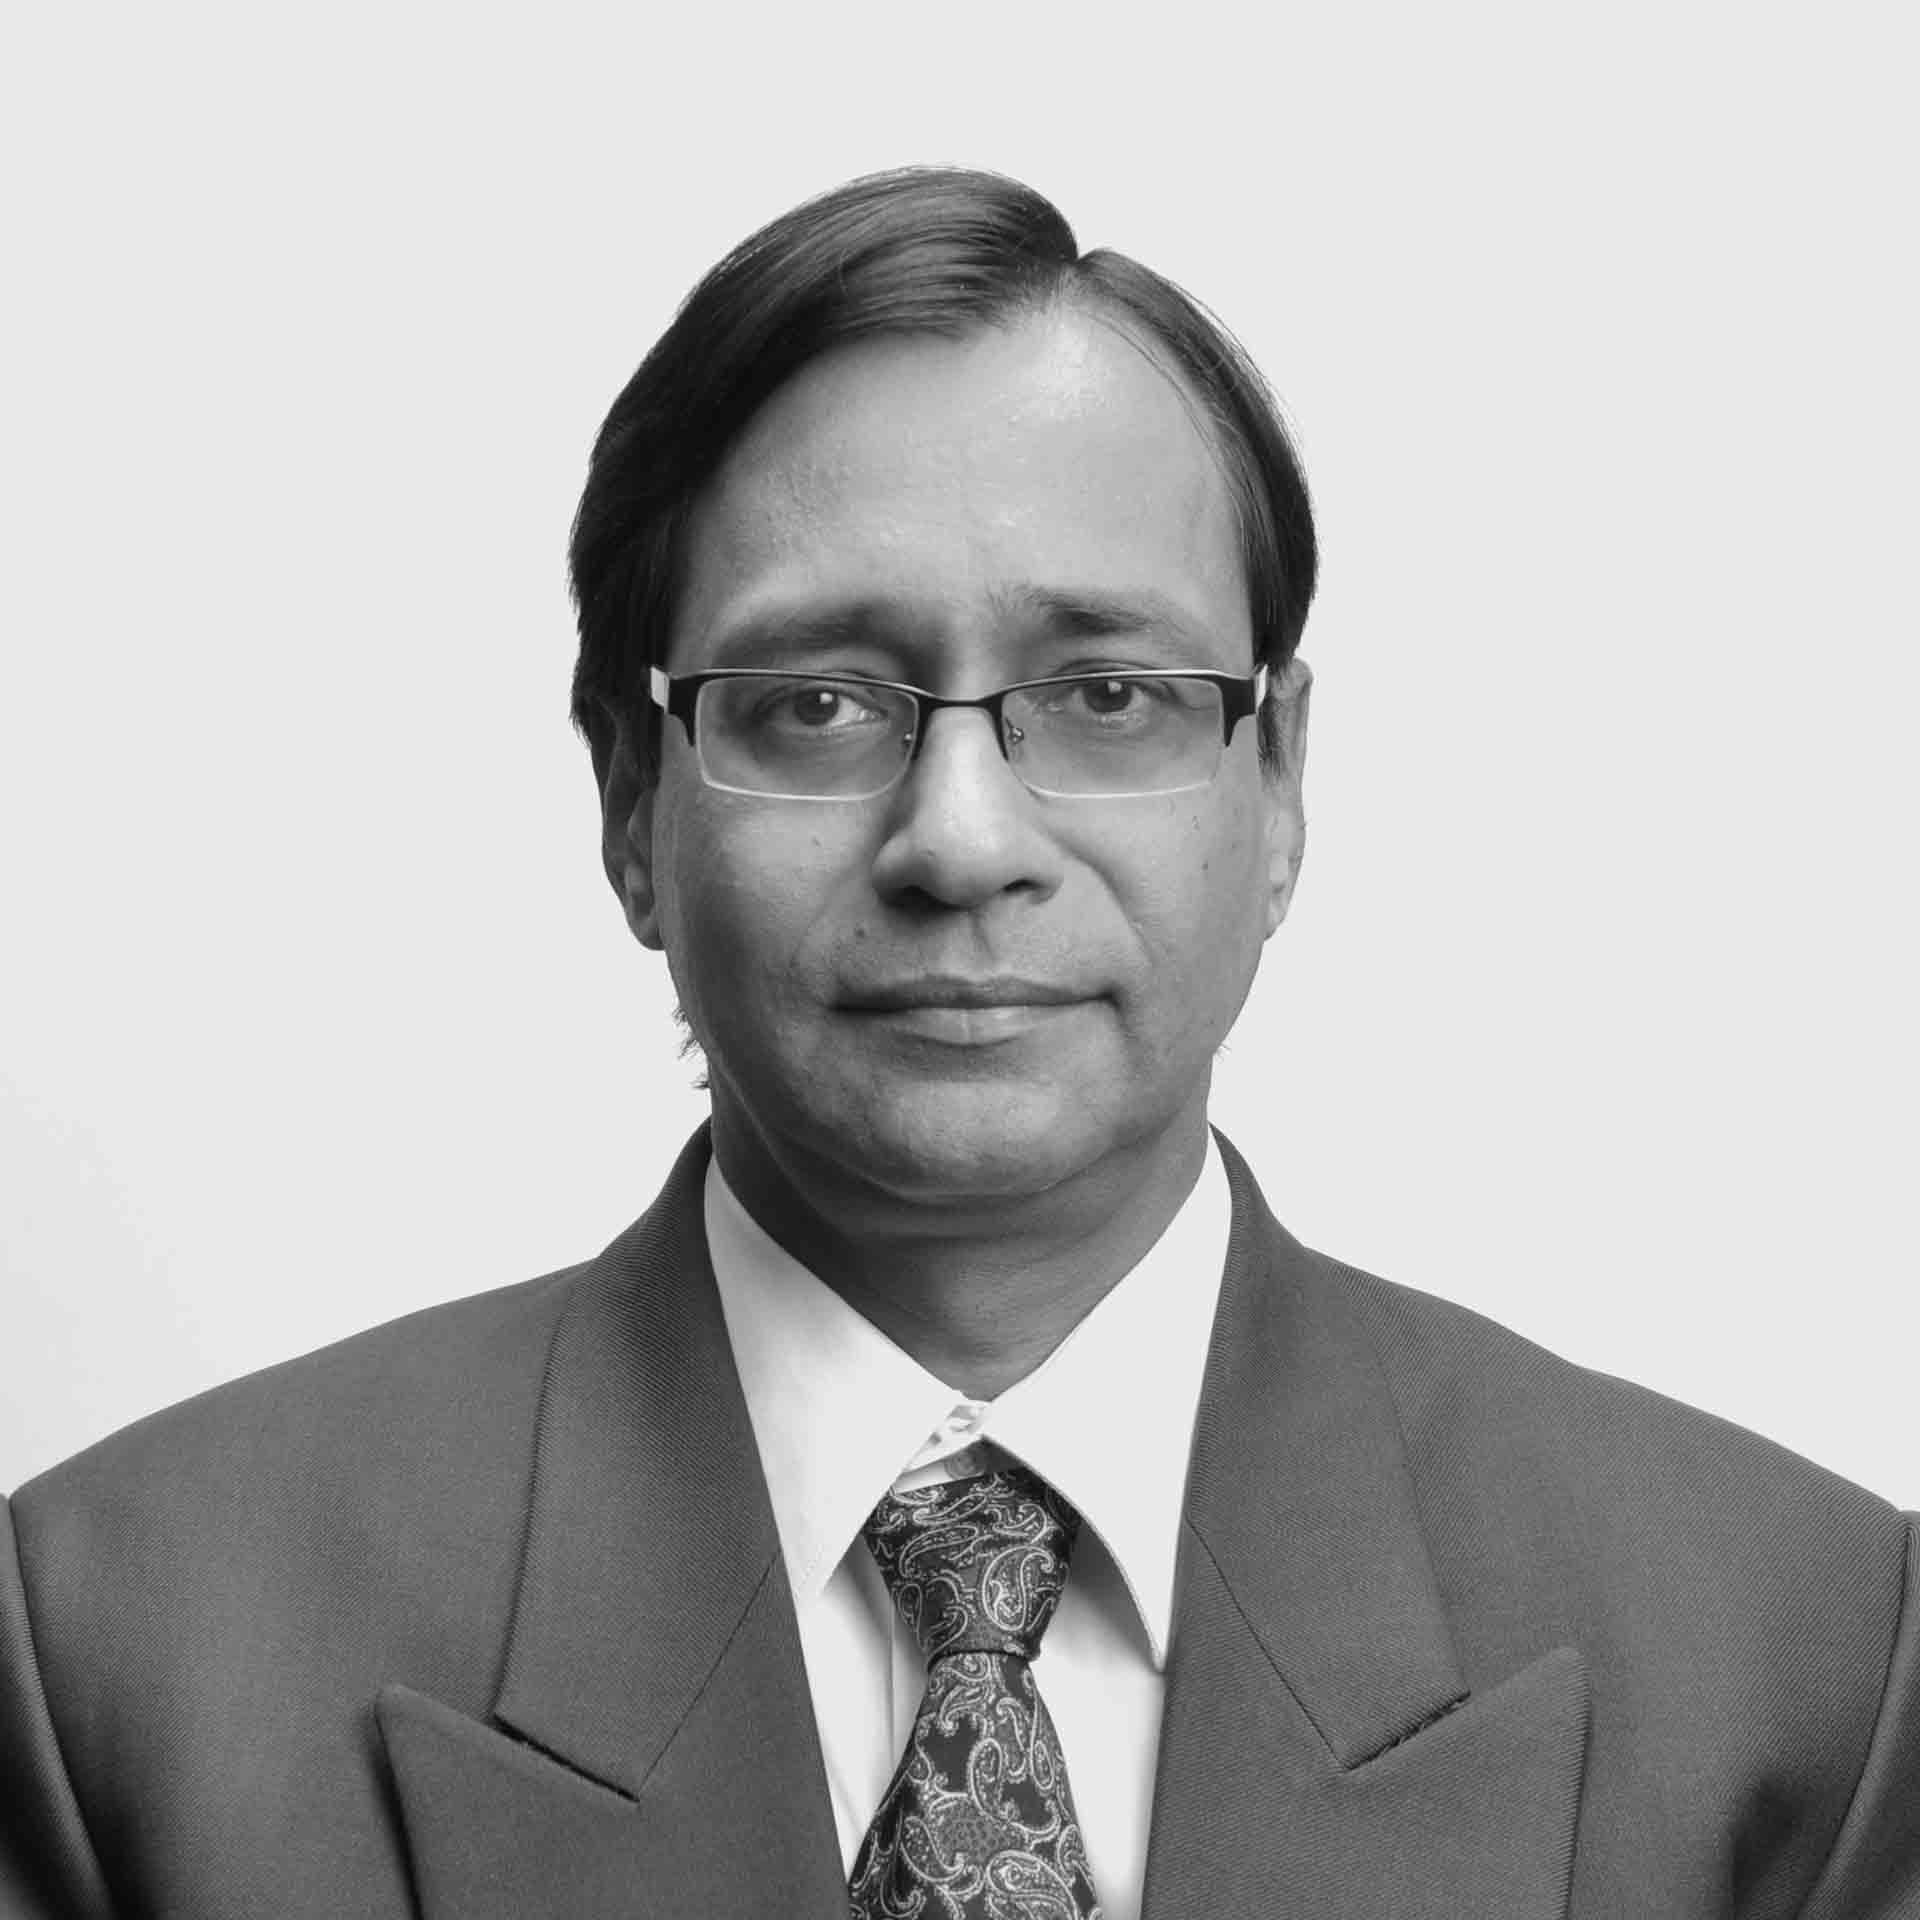 K.G. Kumar